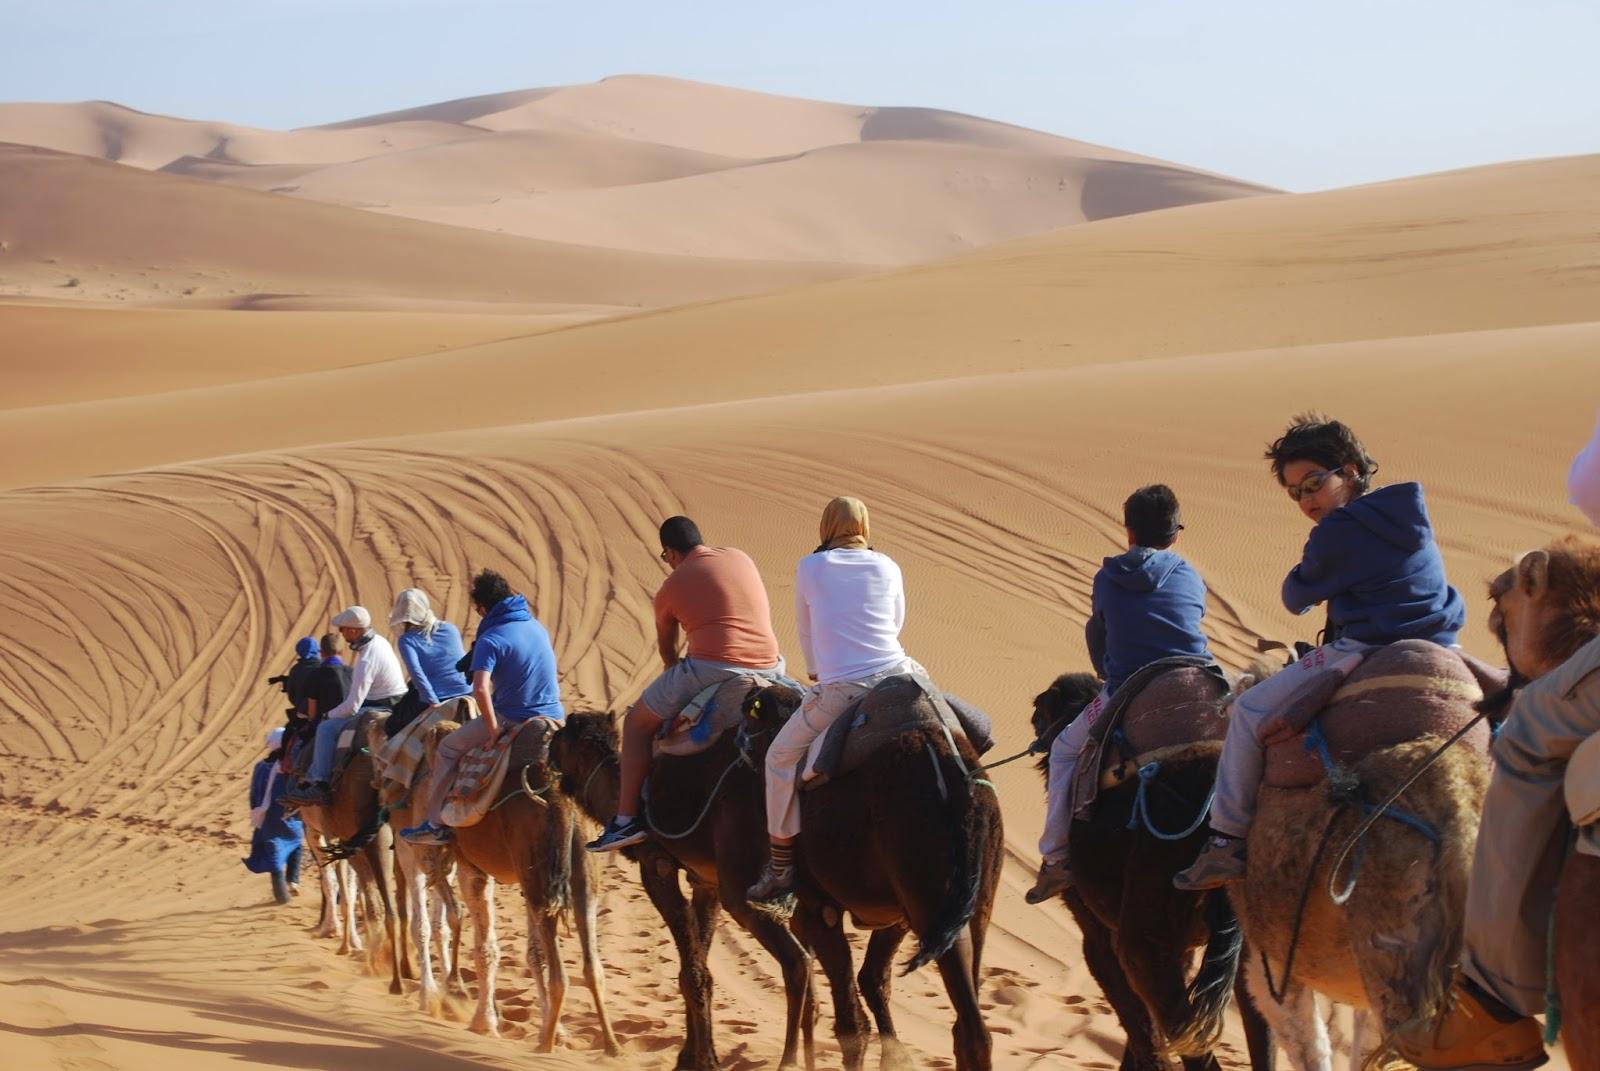 fin de año en el desierto, viajar a marruecos, desierto de marruecos, aventura